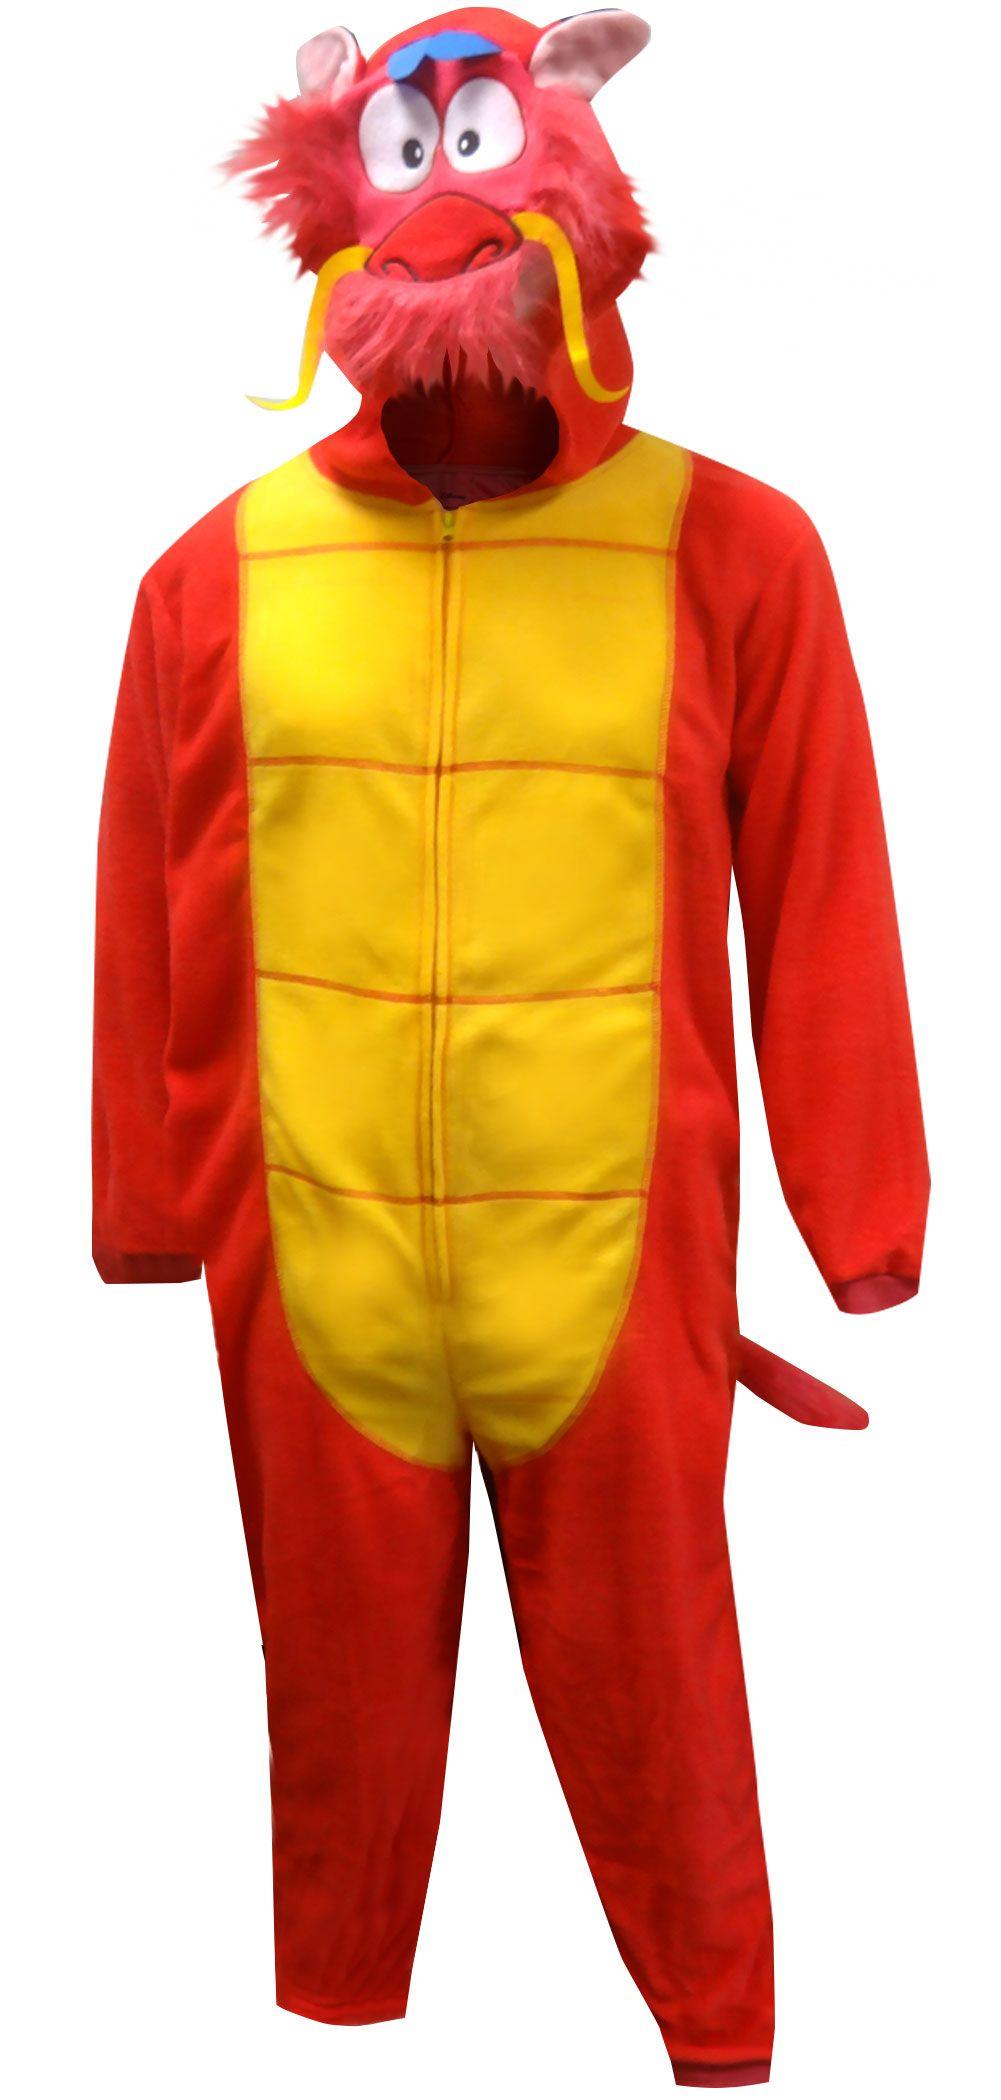 WebUndies.com Mulan Mushu Dragon Costume Onesie Pajama Mens Onesie Pajamas 82f51bf47